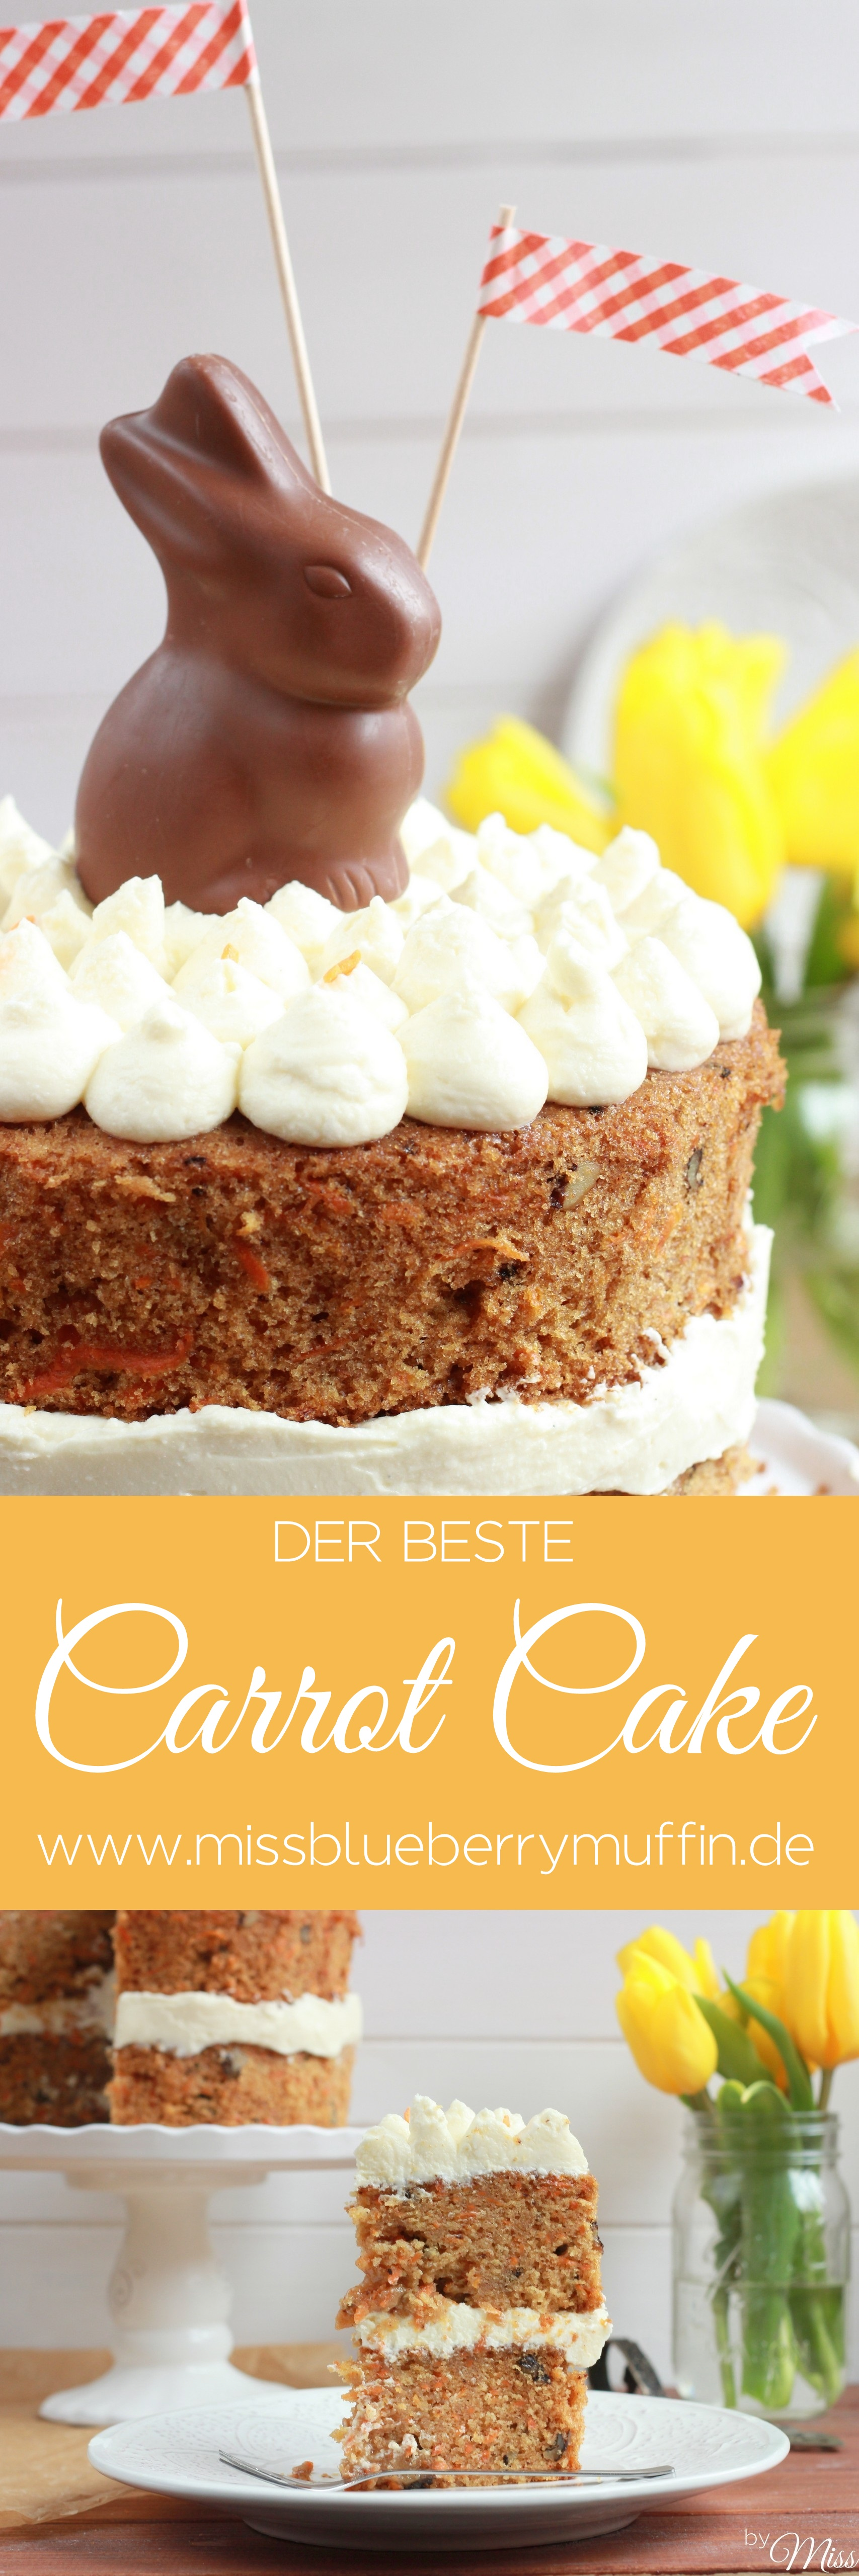 Super saftiger Carrot Cake / Rüblikuchen / Karottenkuchen